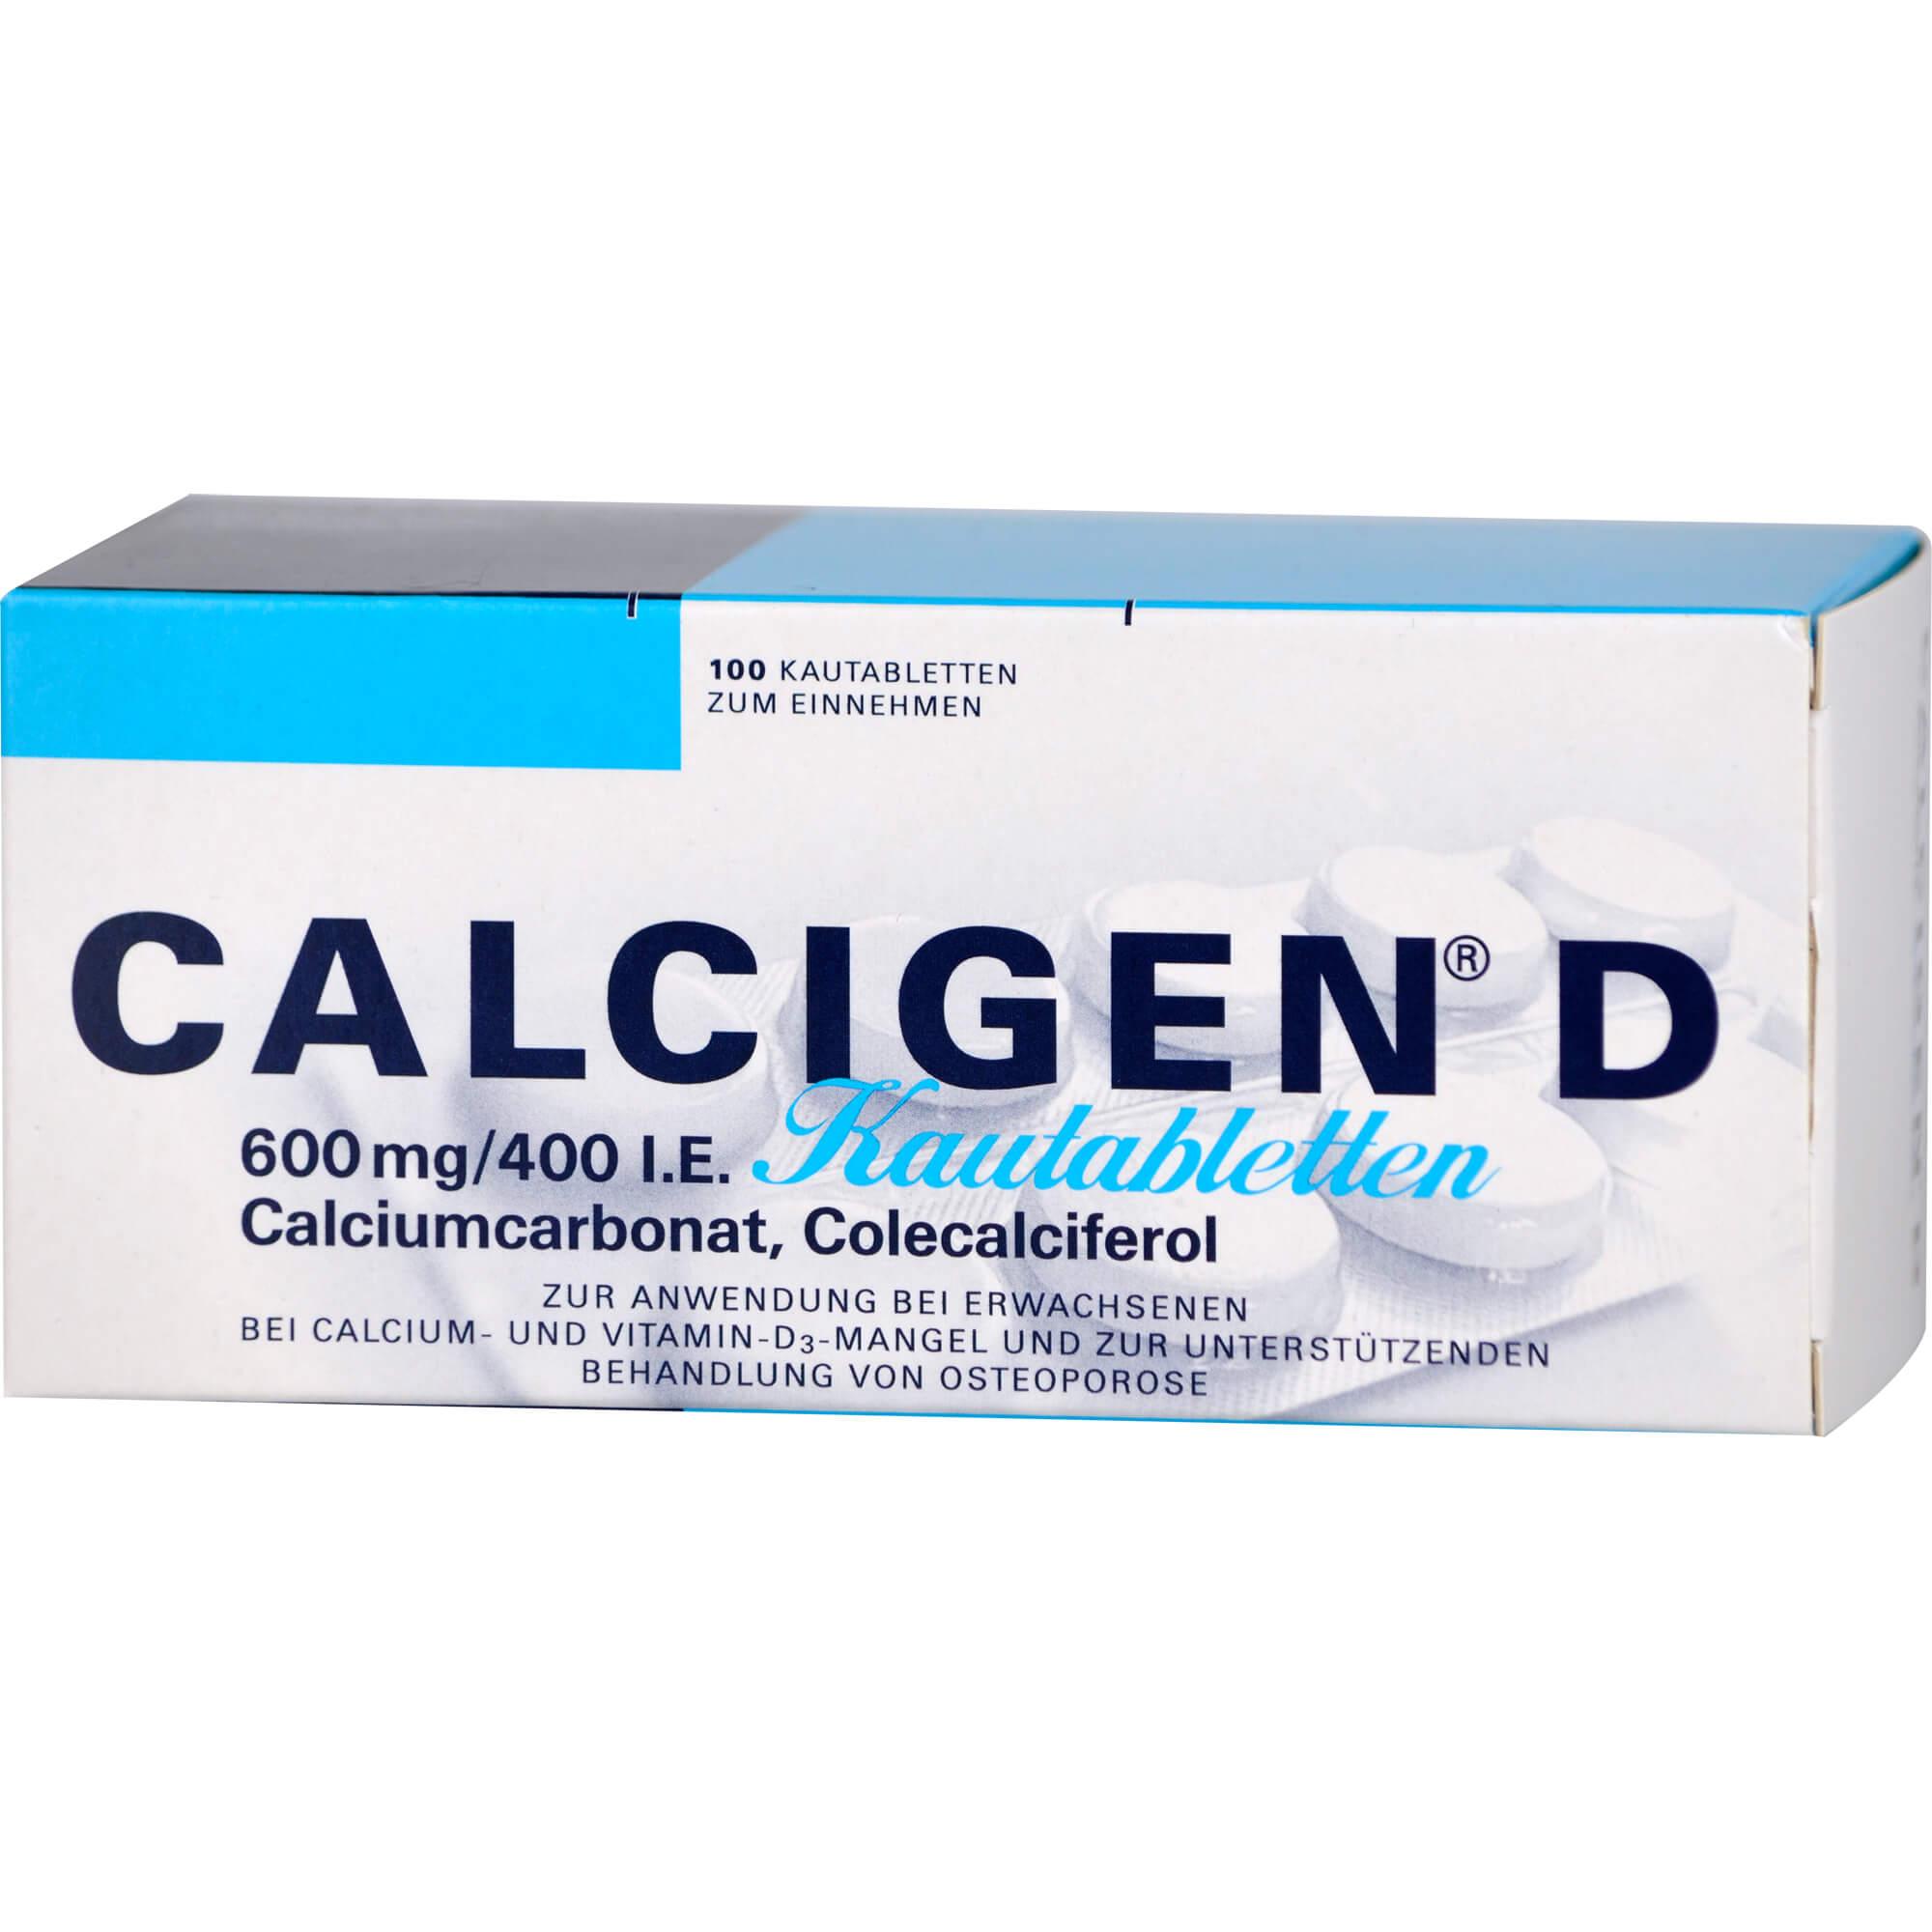 CALCIGEN D 600 mg/400 I.E. Kautabletten